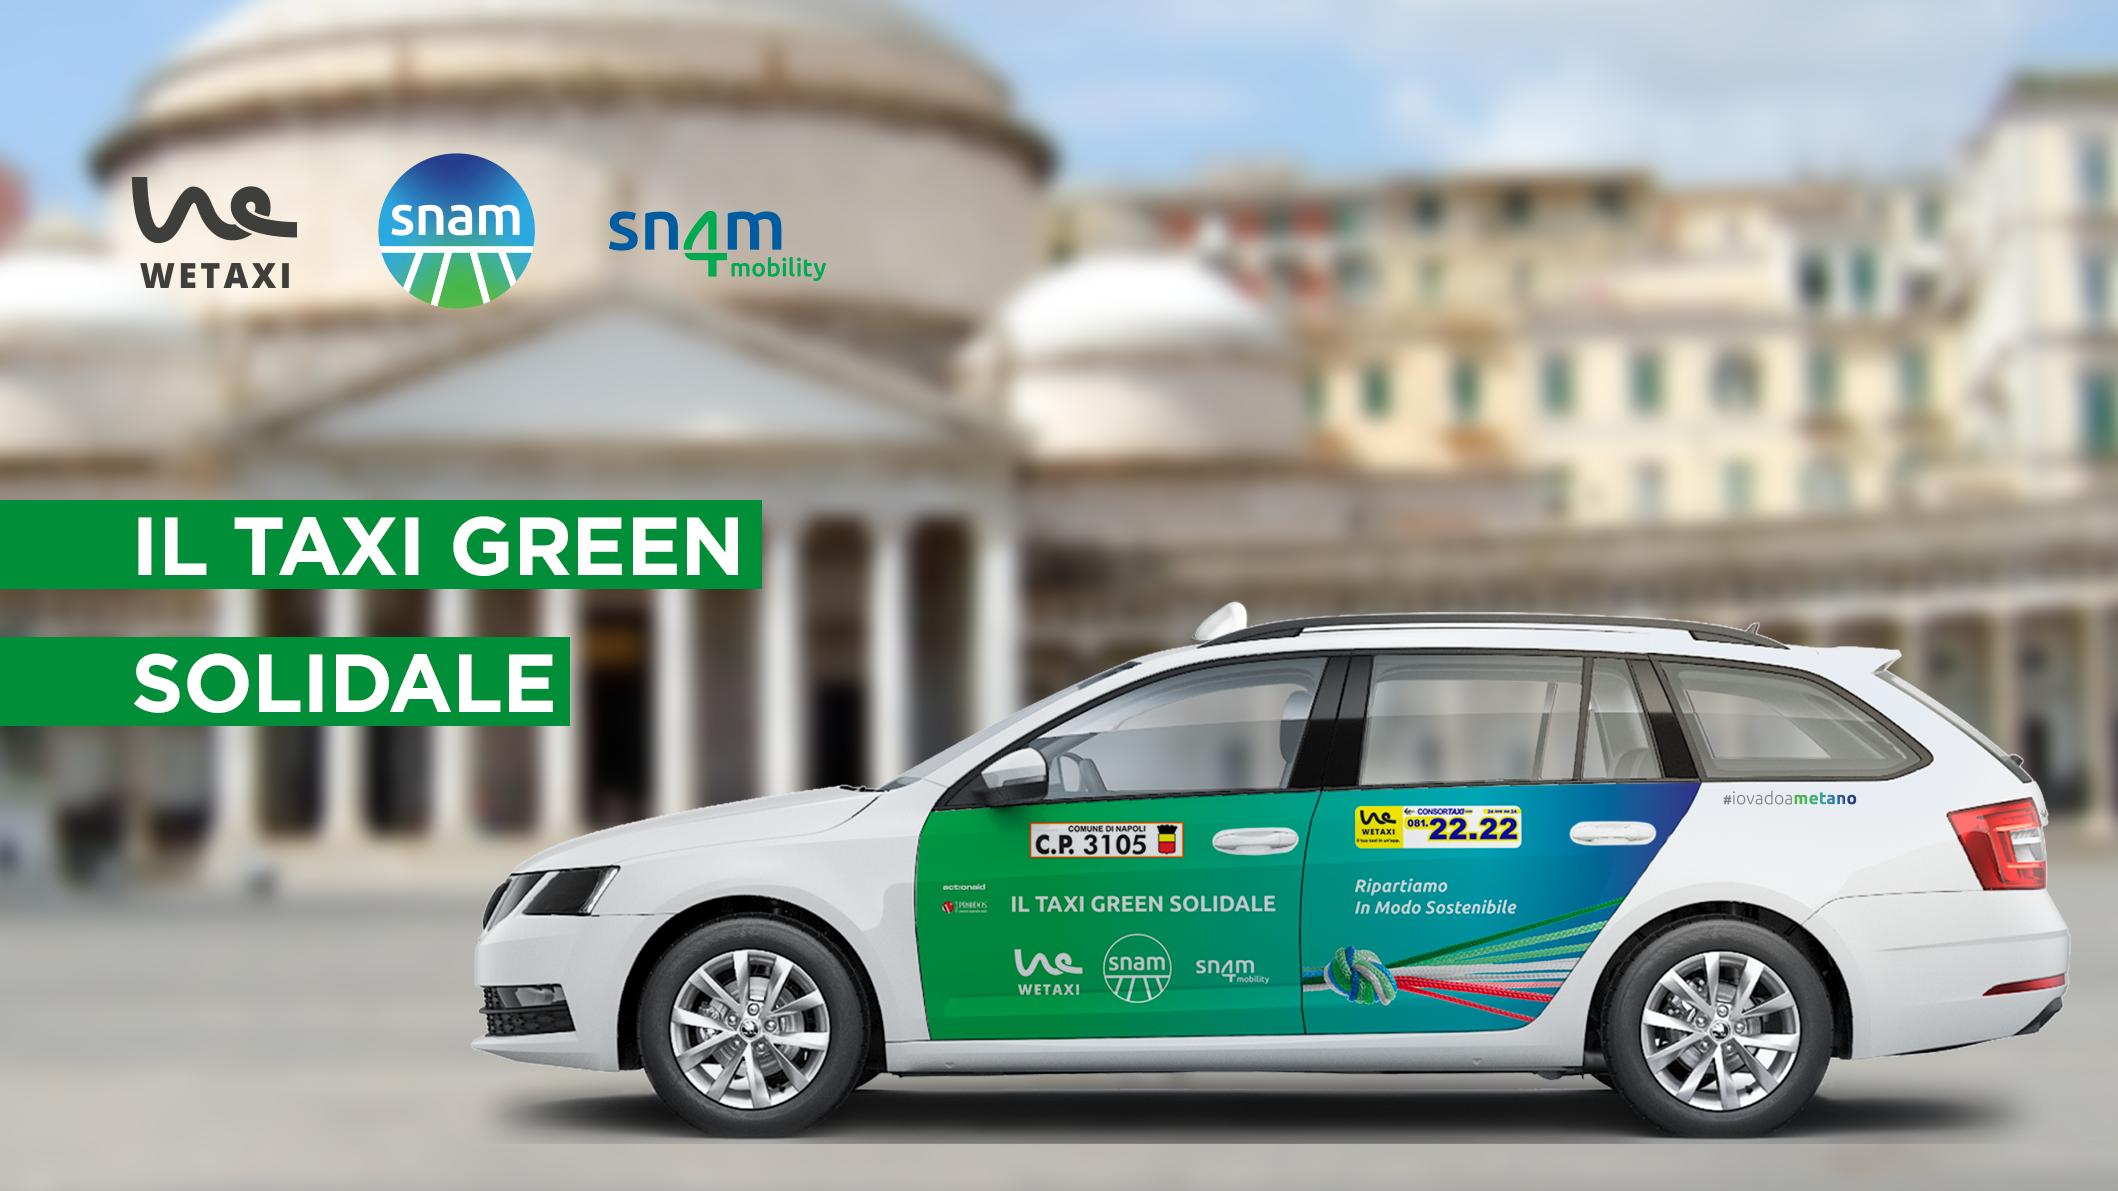 Snam e Wetaxi Delivery portano a Napoli il Taxi Green Solidale